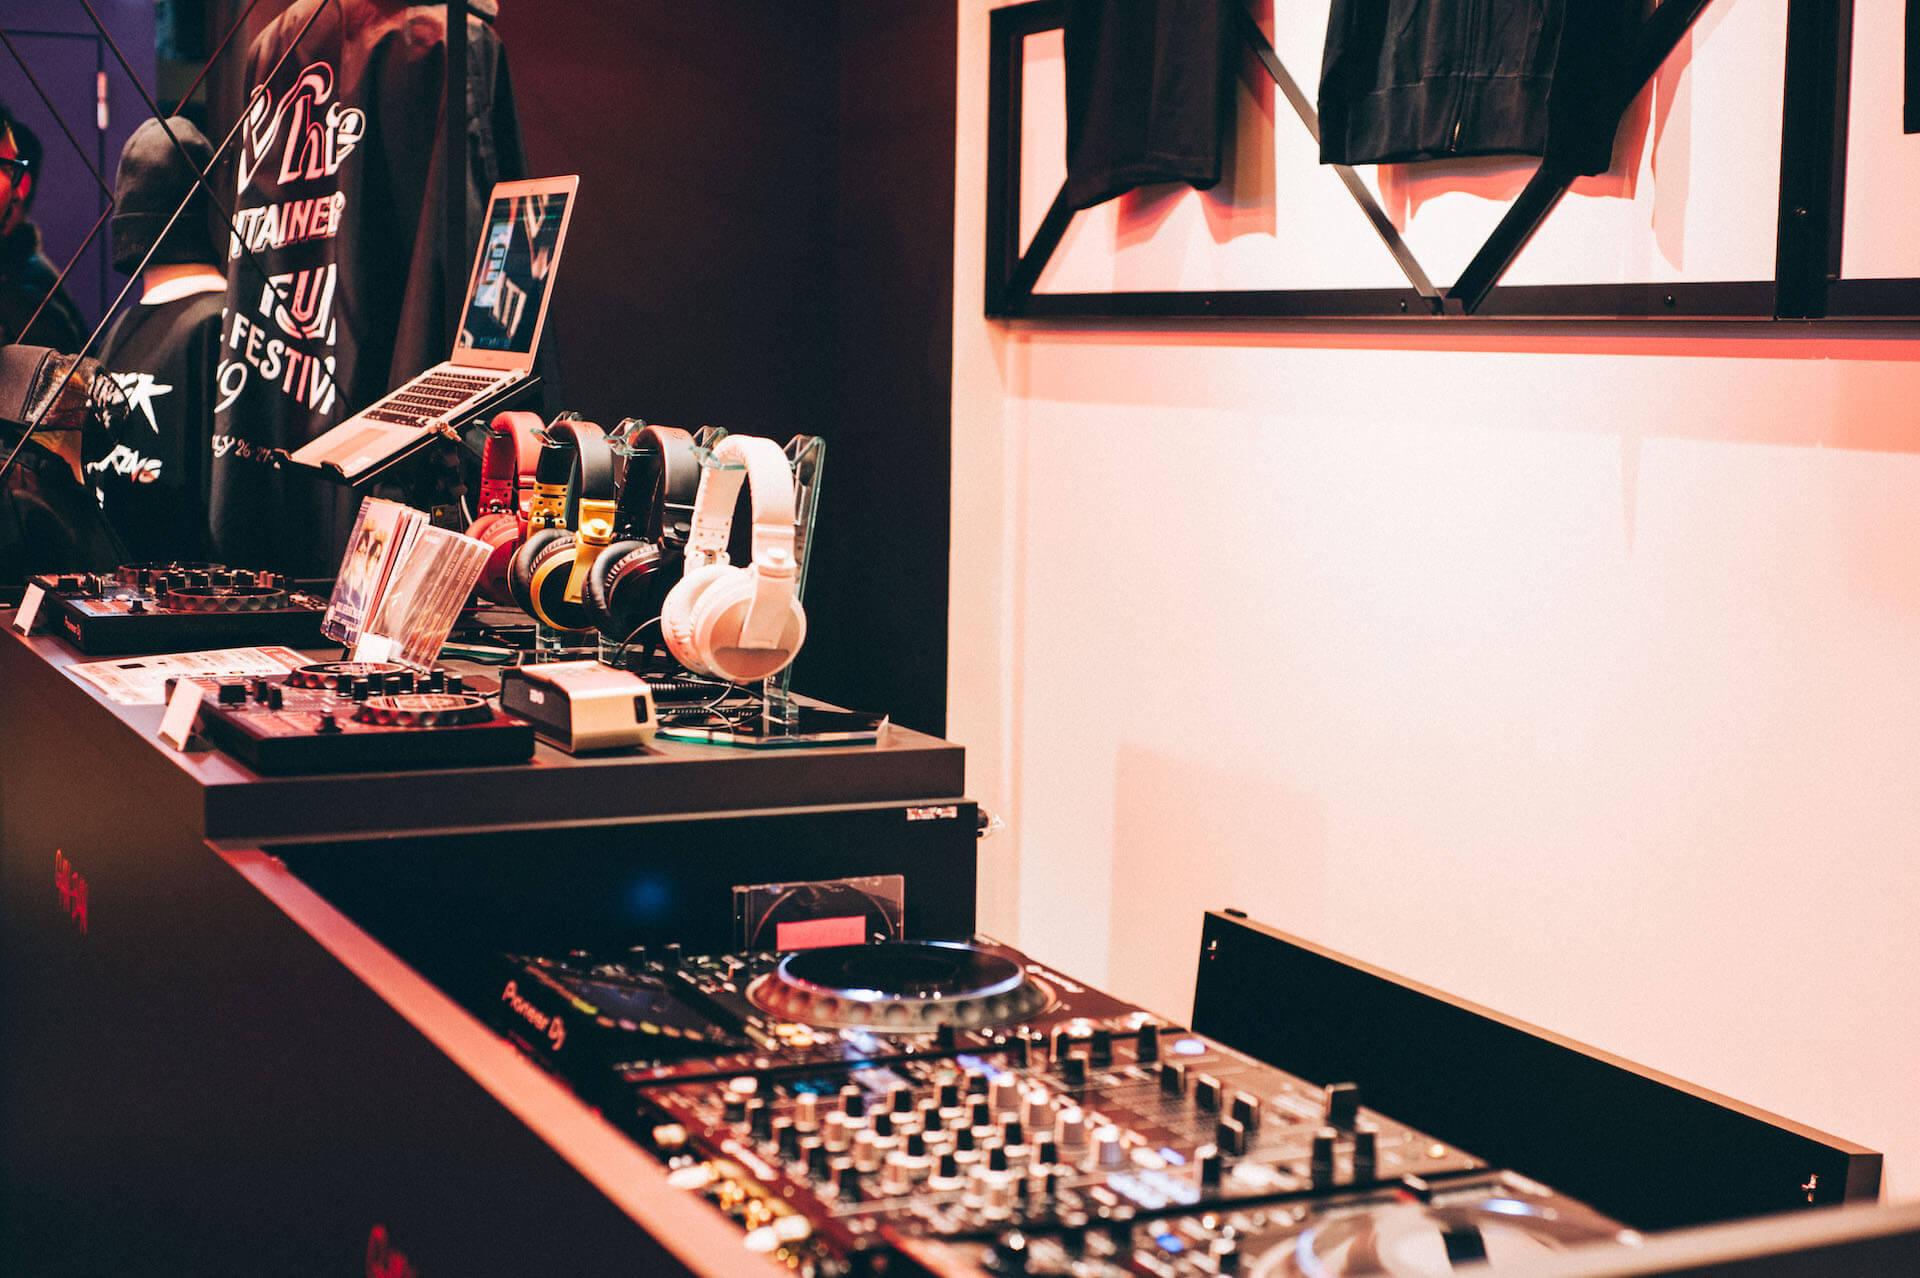 新生渋谷PARCOのカオスなフードエリア「CHAOS KITCHEN」注目の3店舗をピックアップ lfefashion-20191122-parco-8729